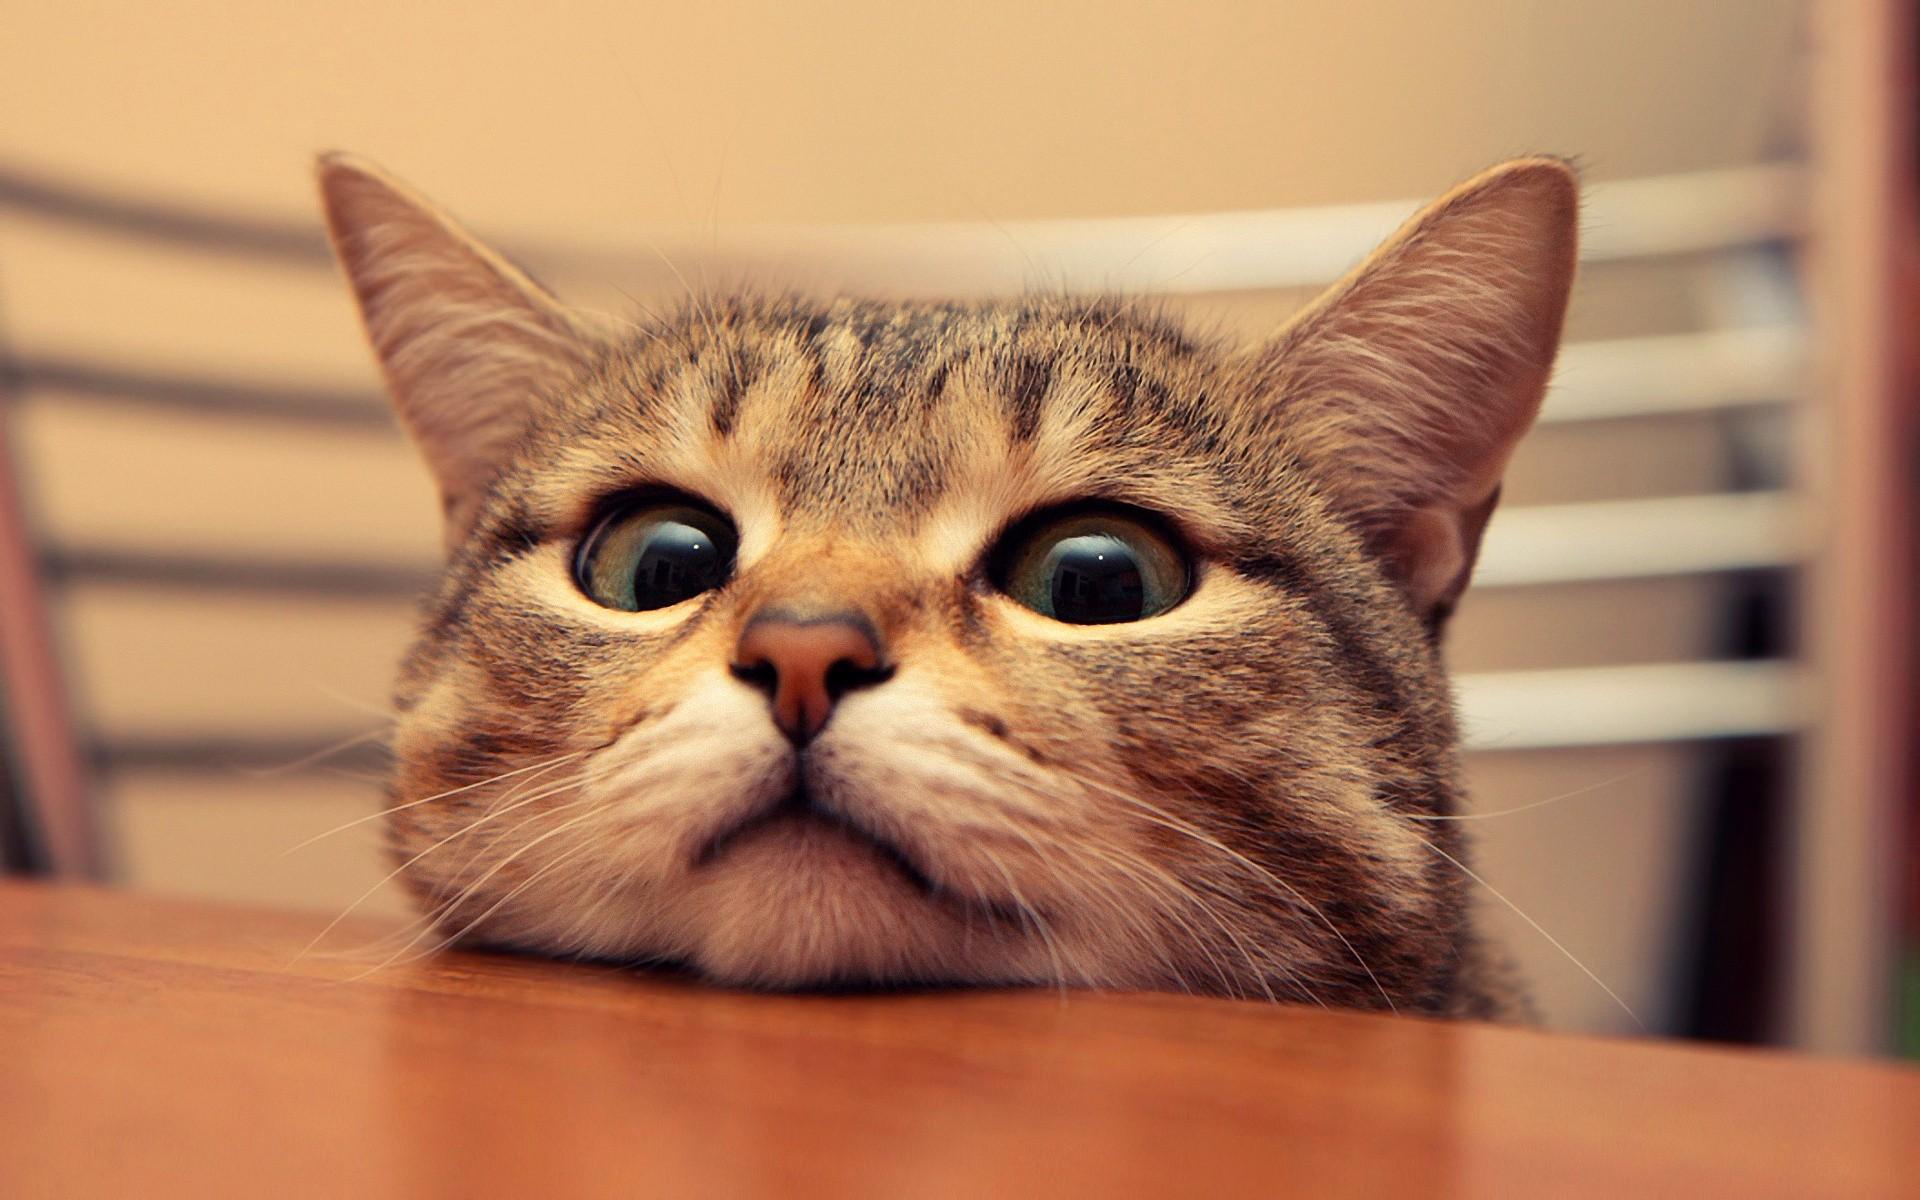 funny-cat-photo. 59717a9a9f8a3d2531d84e240b823c95